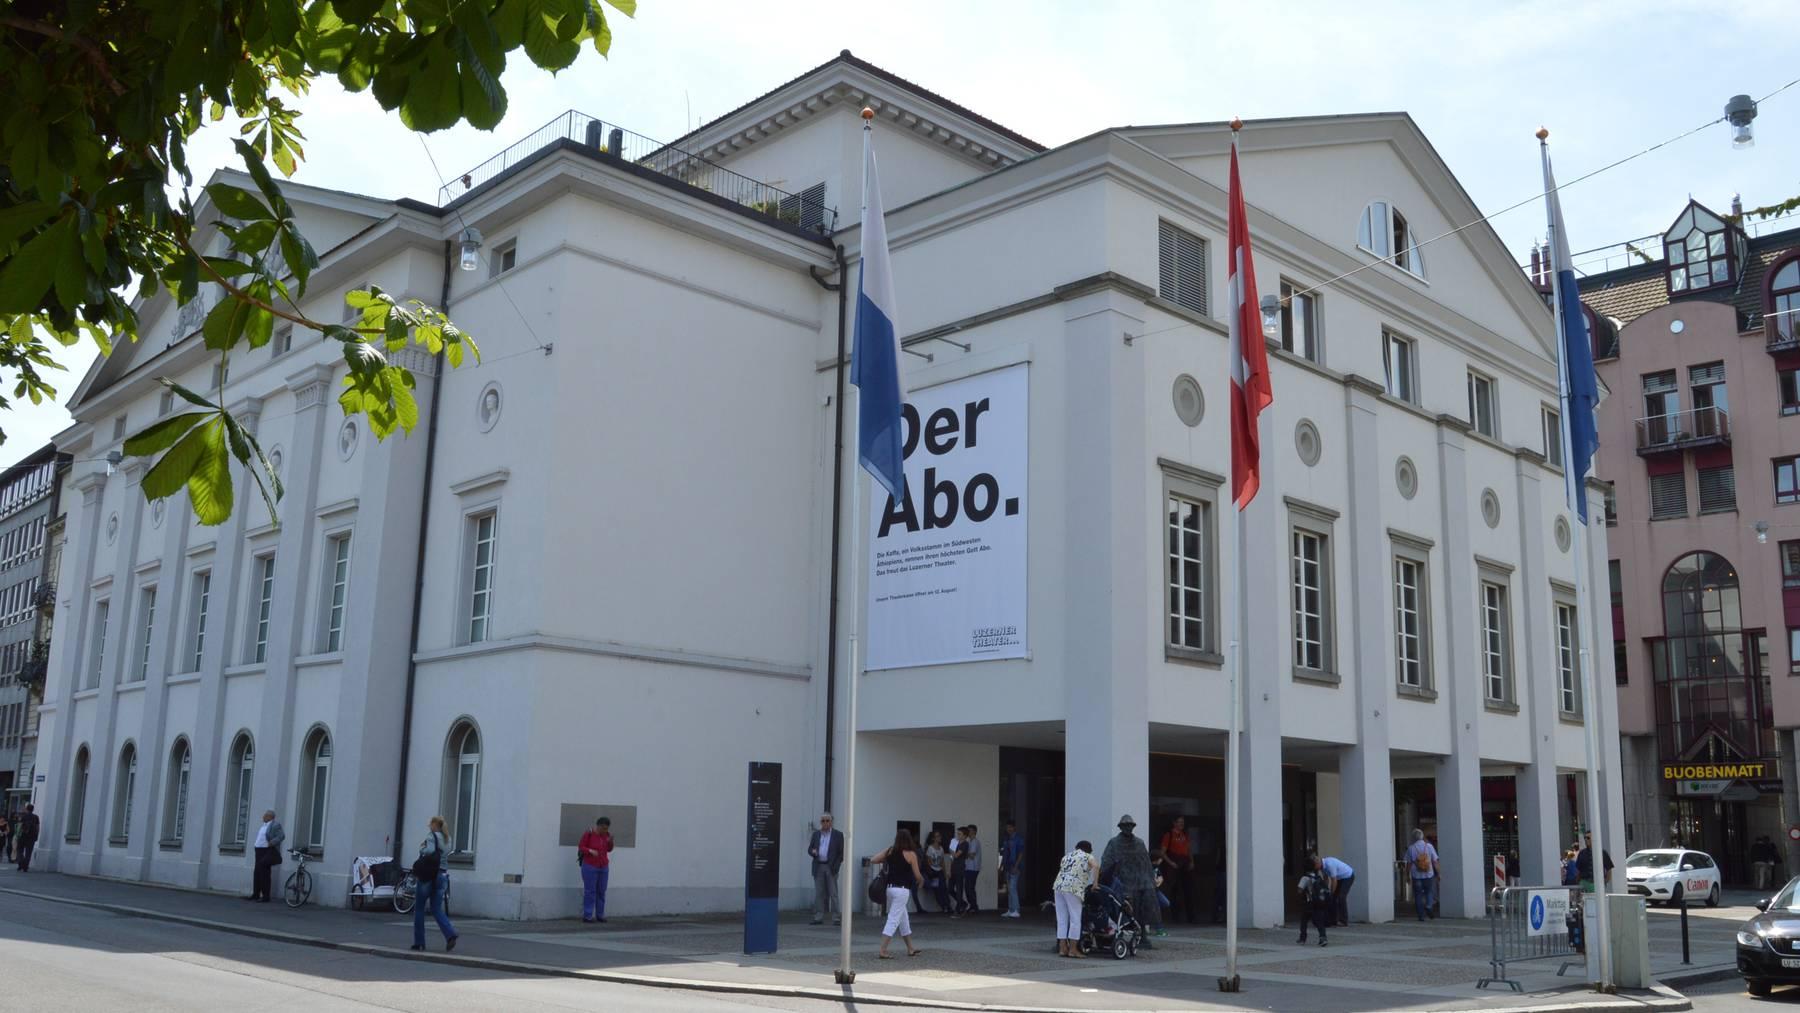 Luzern spielt seit 175 Jahren Theater